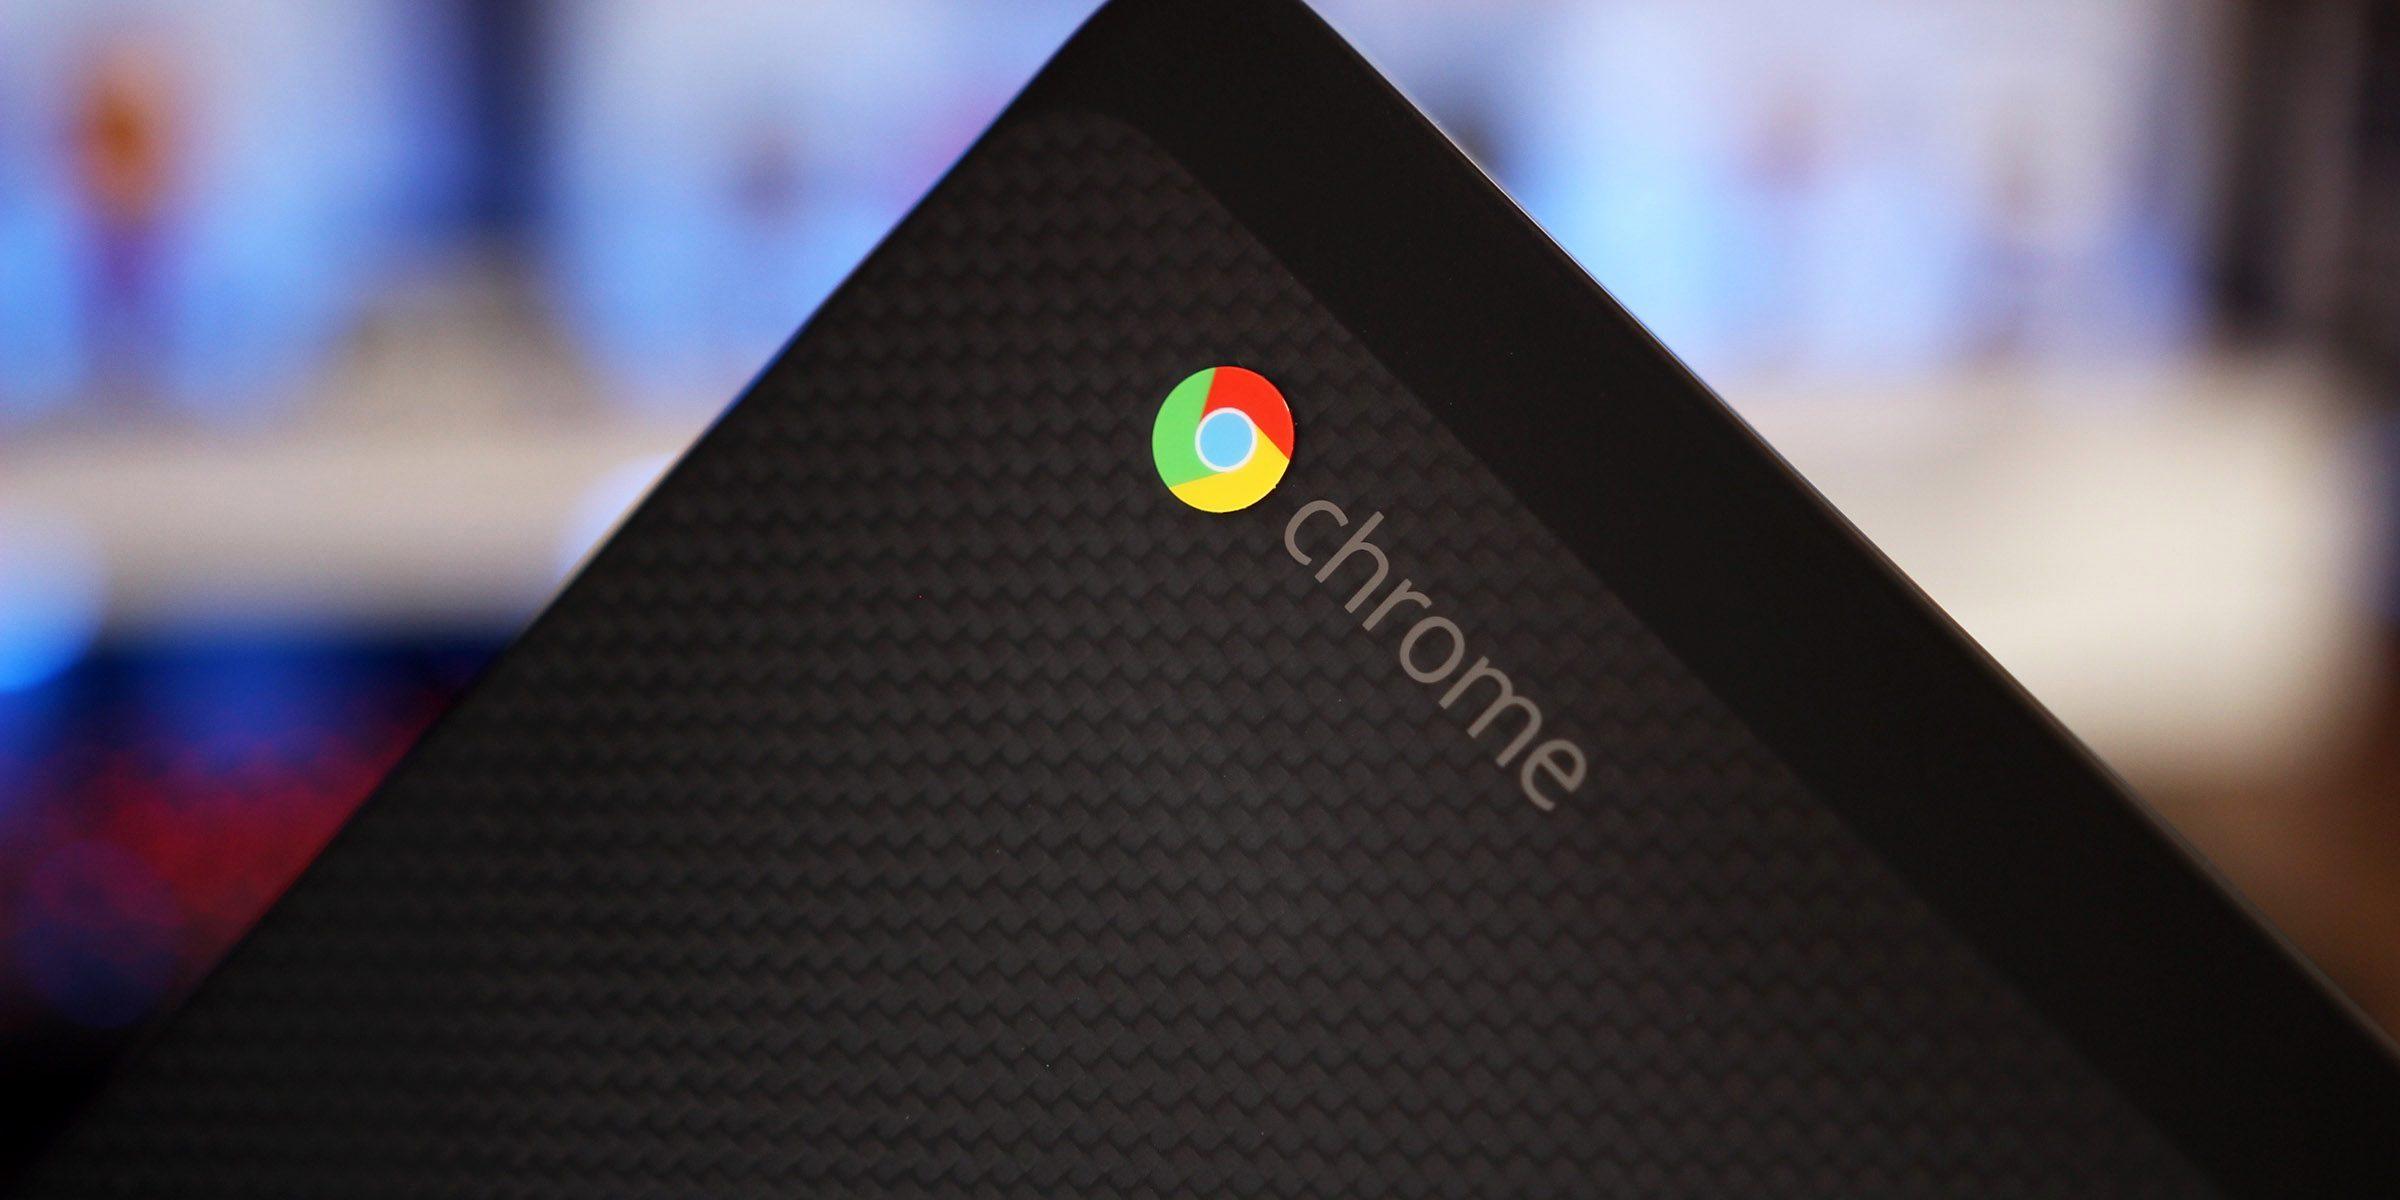 Chrome Vorschlag Löschen